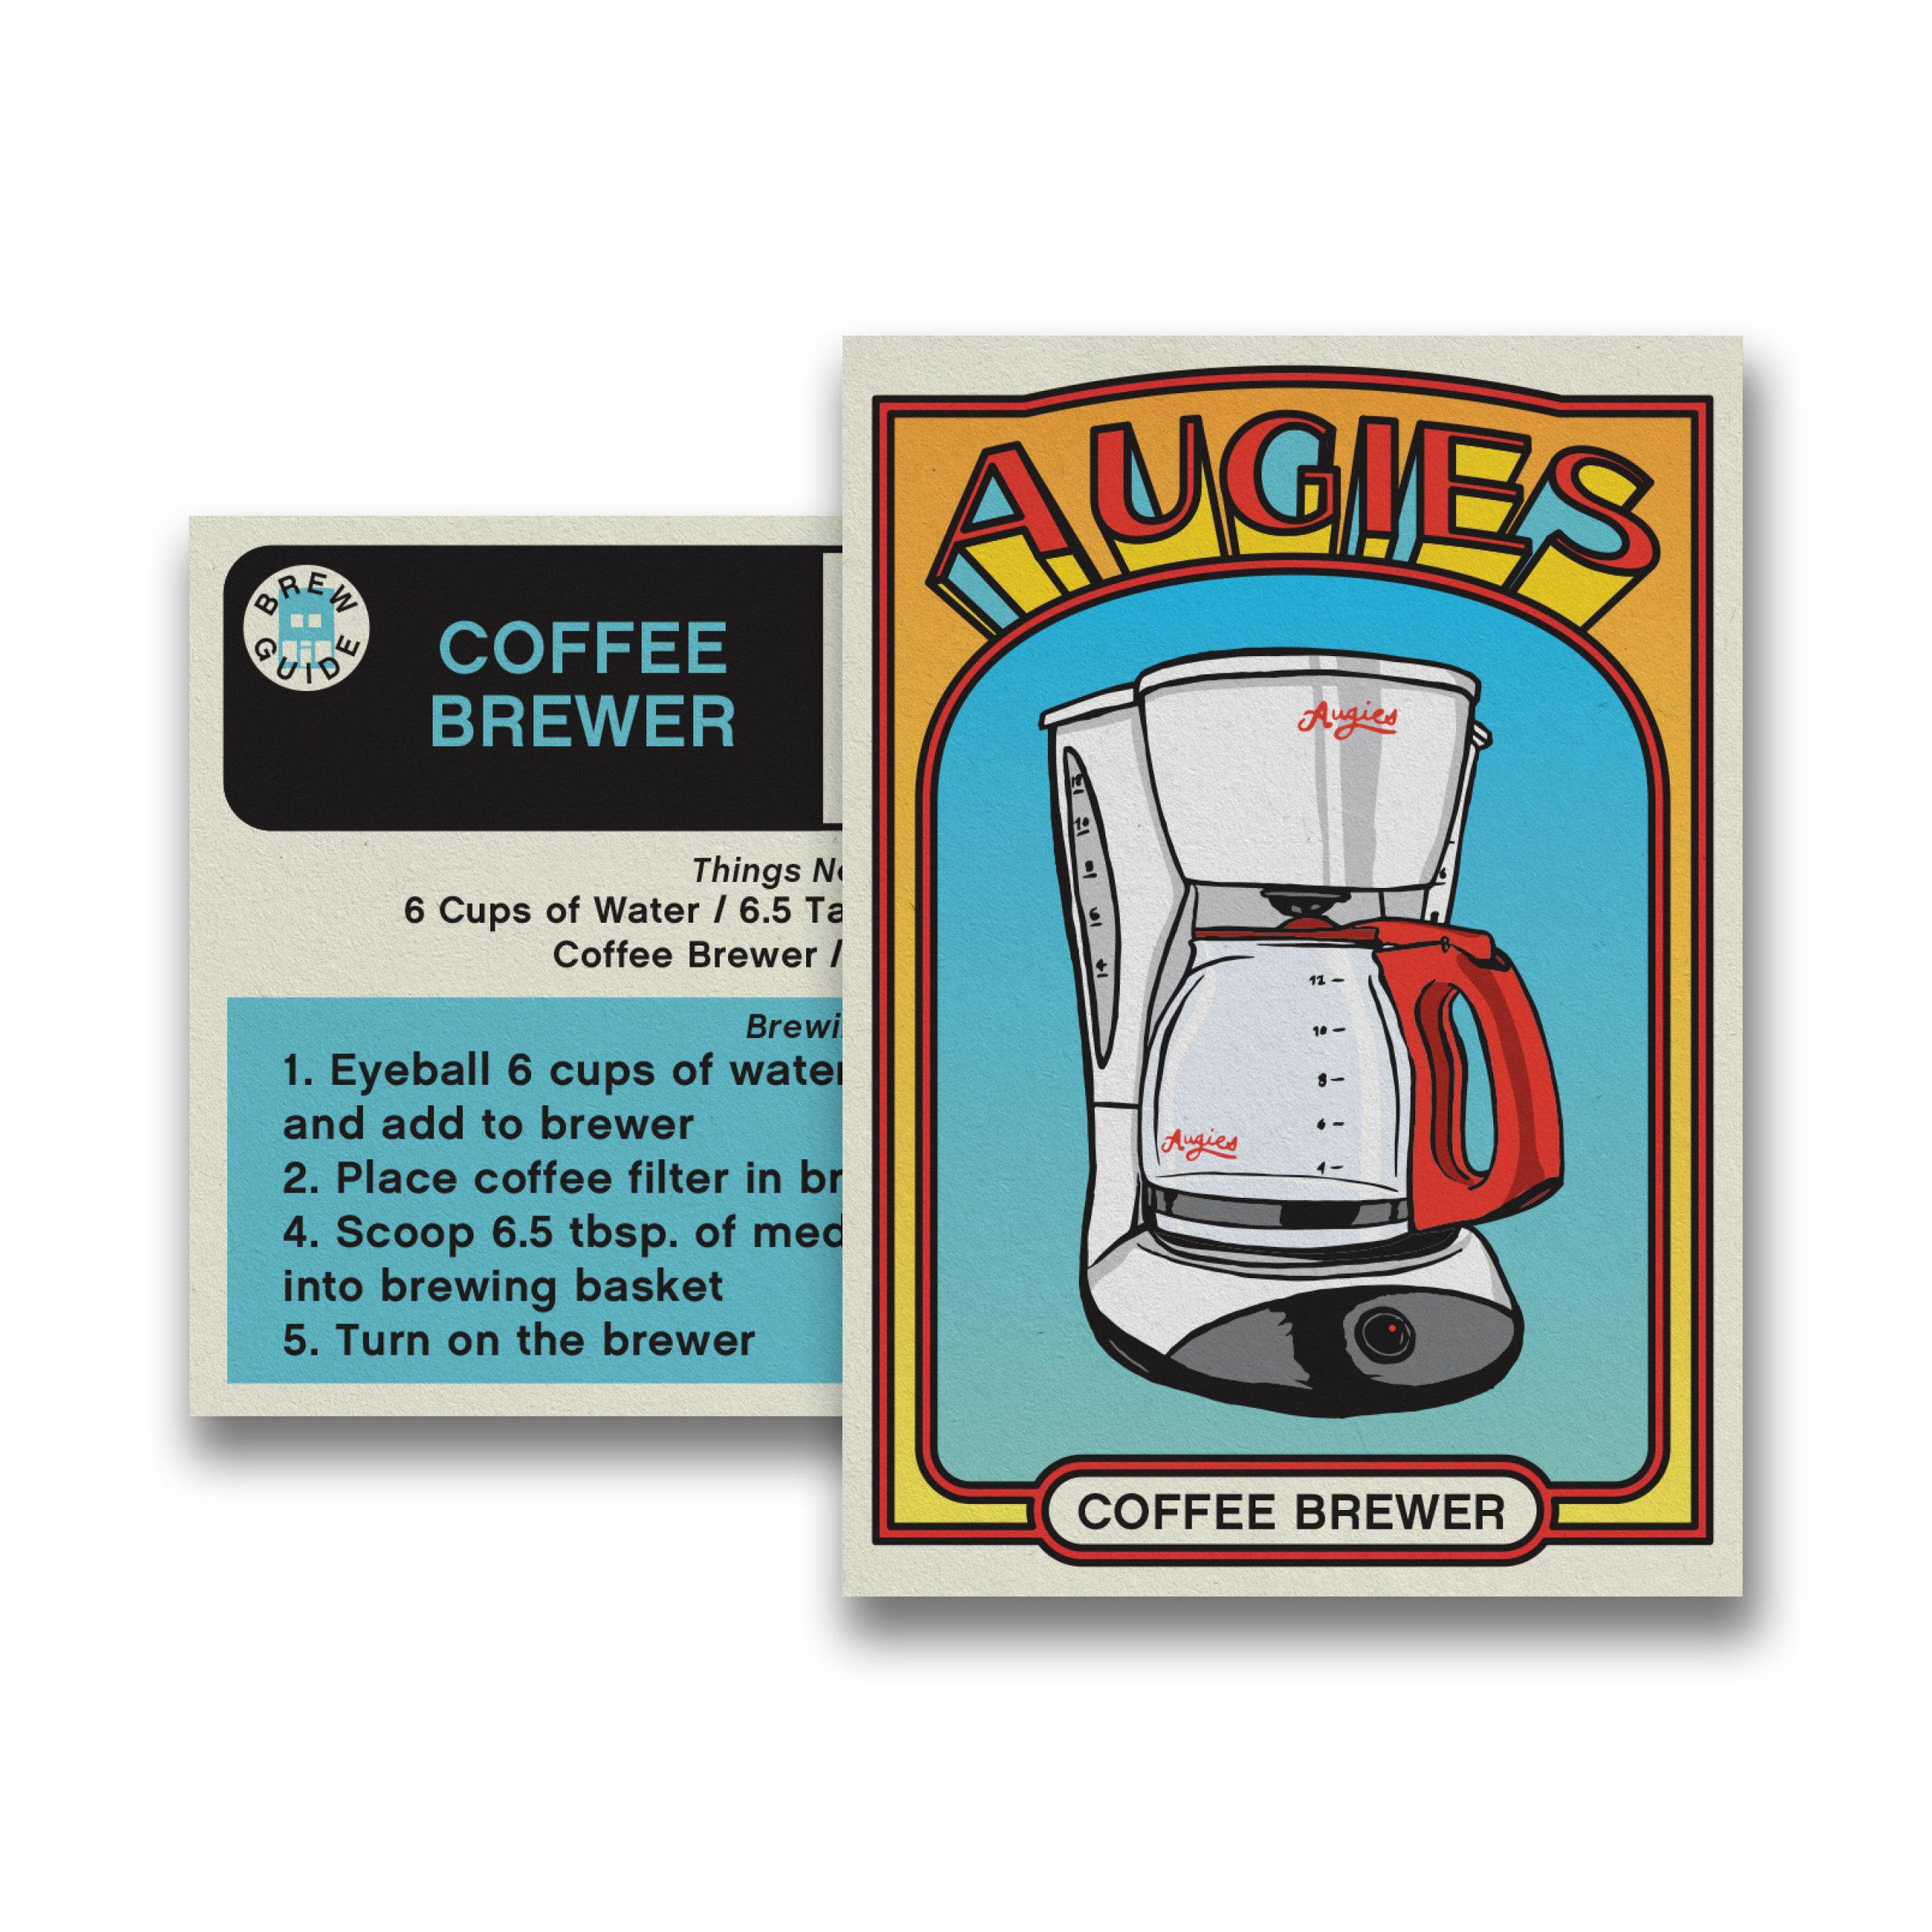 Augies-BrewCardsMock-0517194.jpg